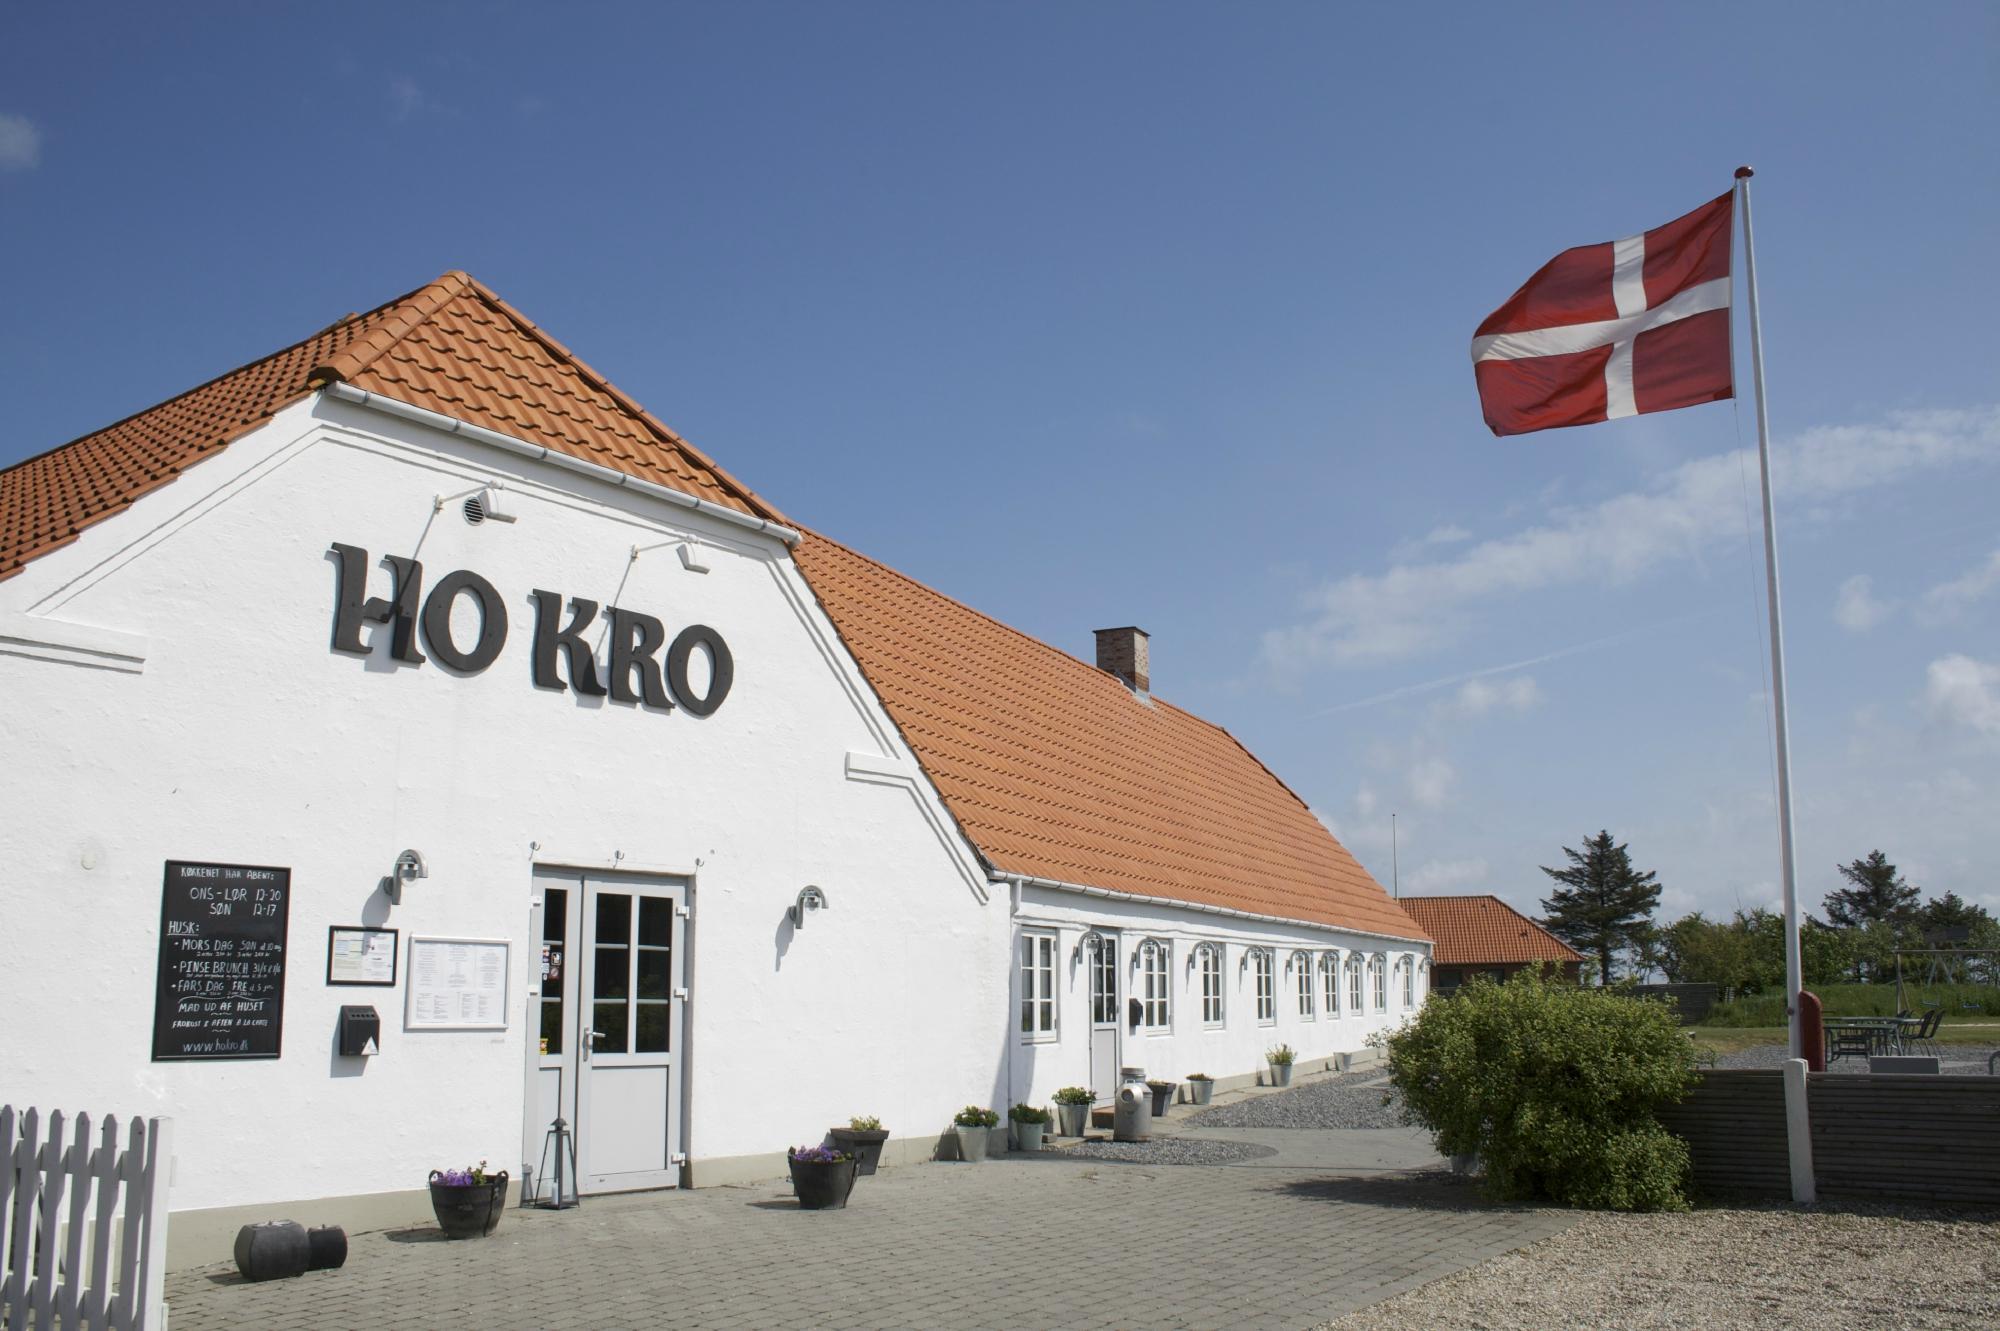 Ho Kro